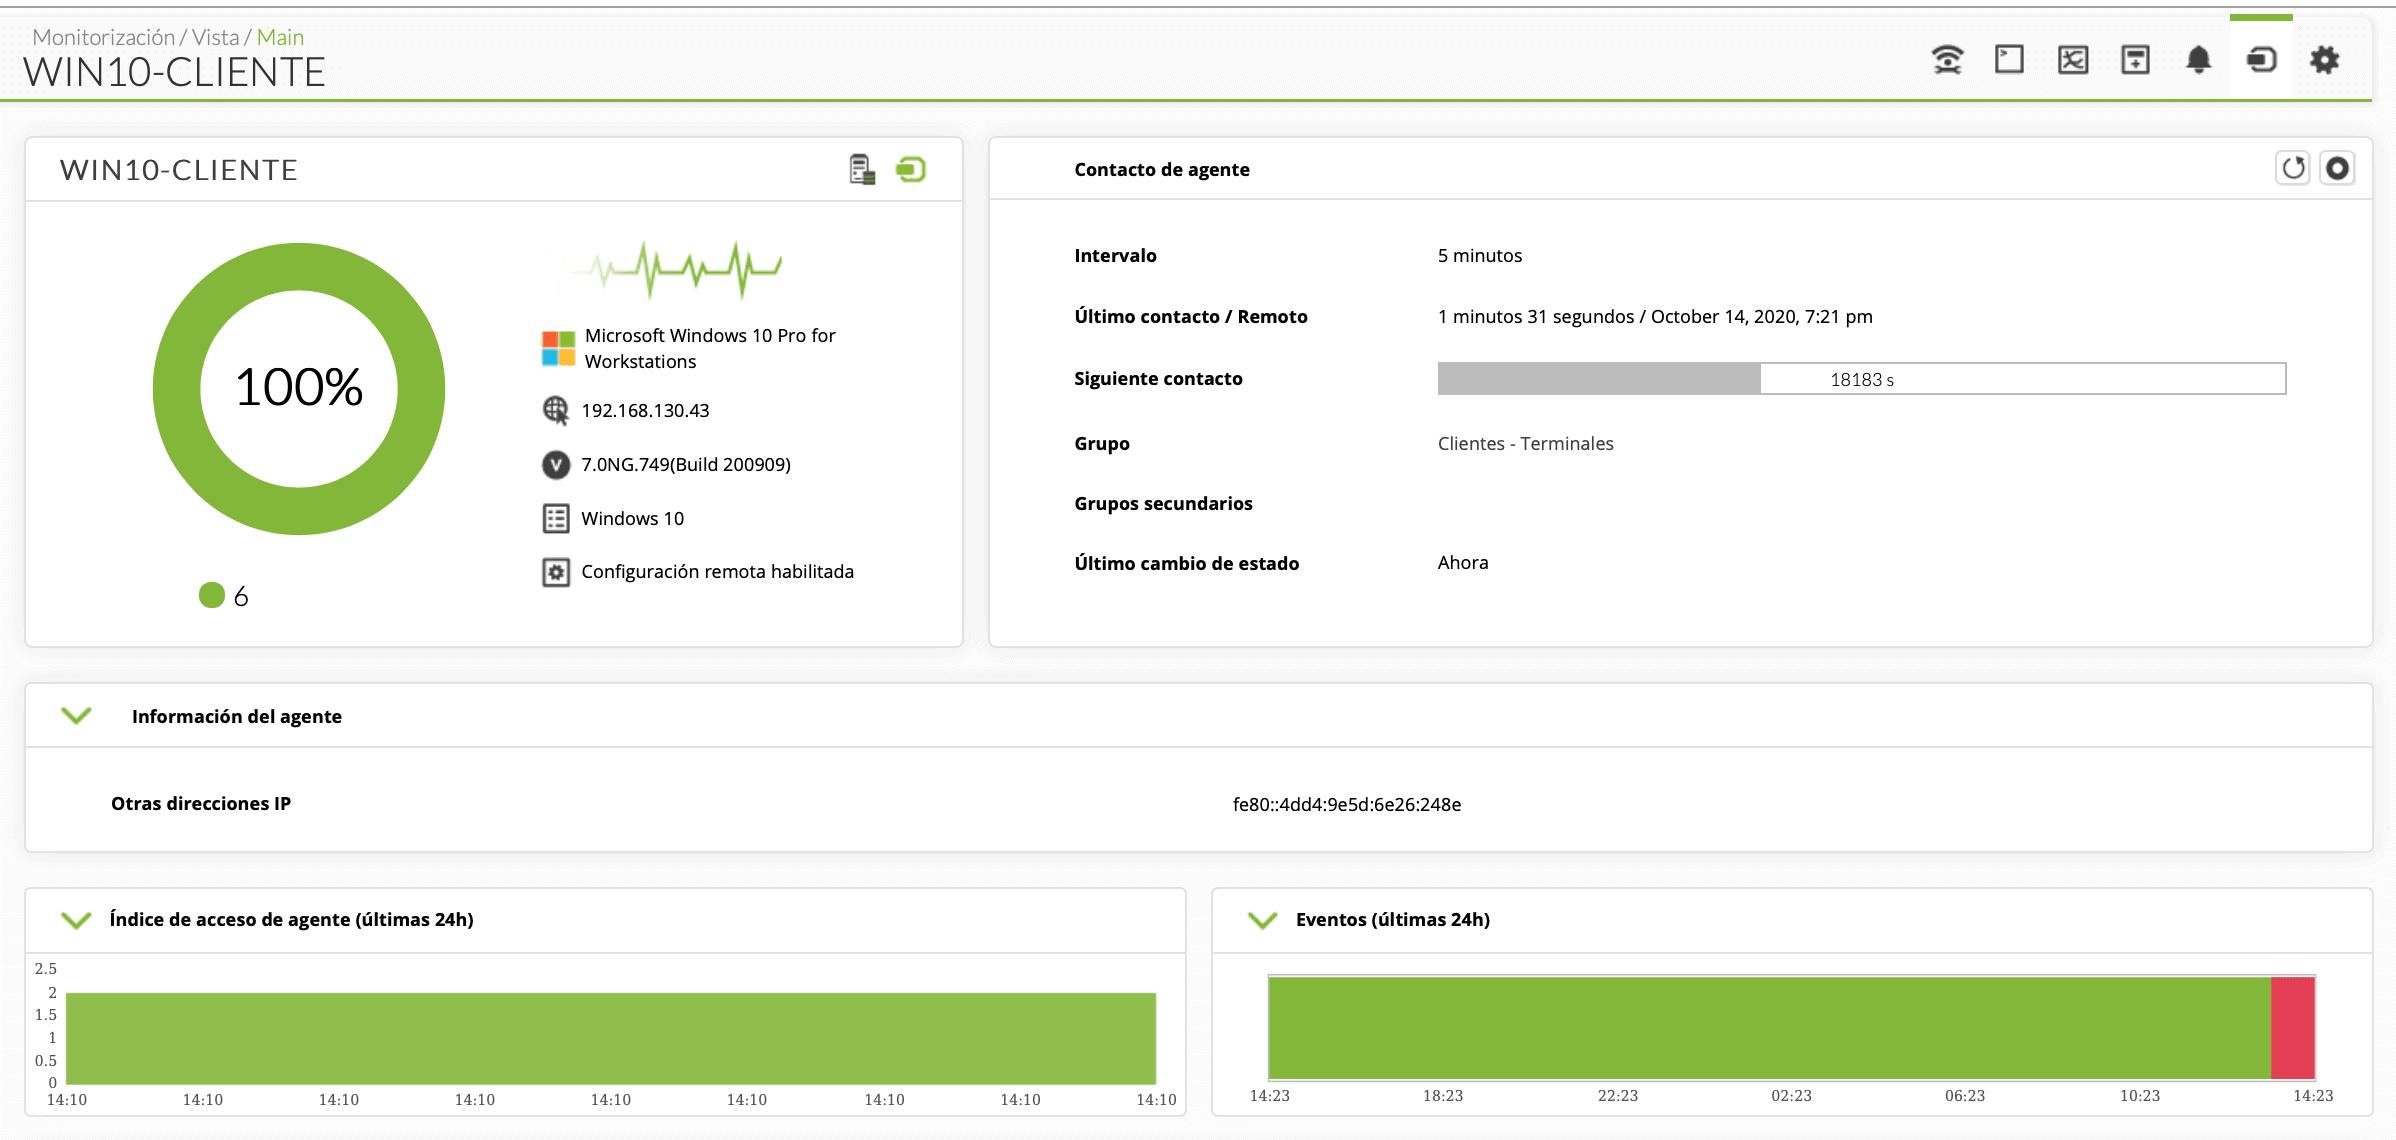 monitoreo-de-estaciones-de-trabajo